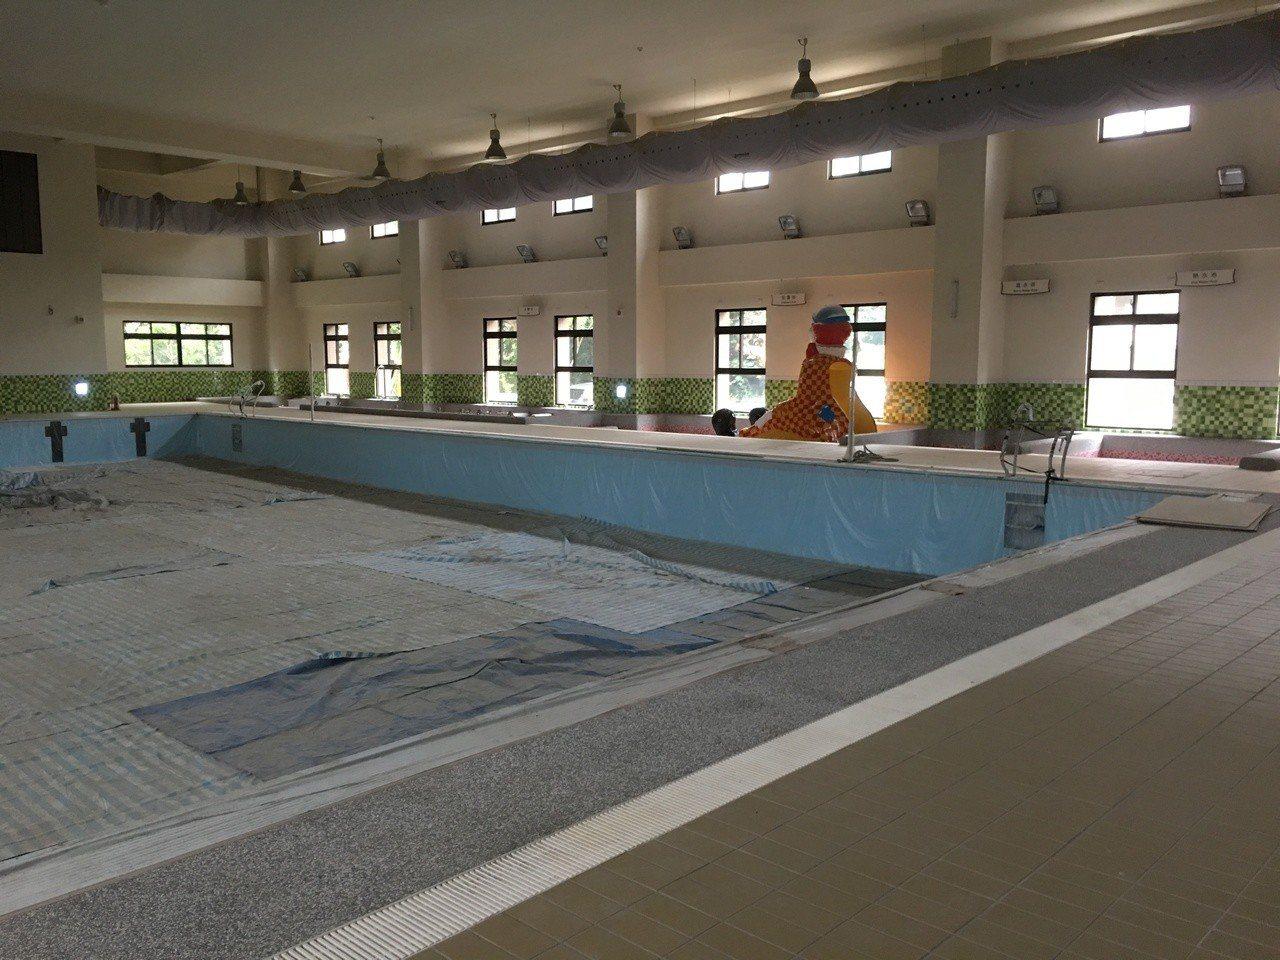 雲林縣首座國民運動中心已經完工,目前內部設備陸續進駐,縣府委外經營,並爭取地方回...